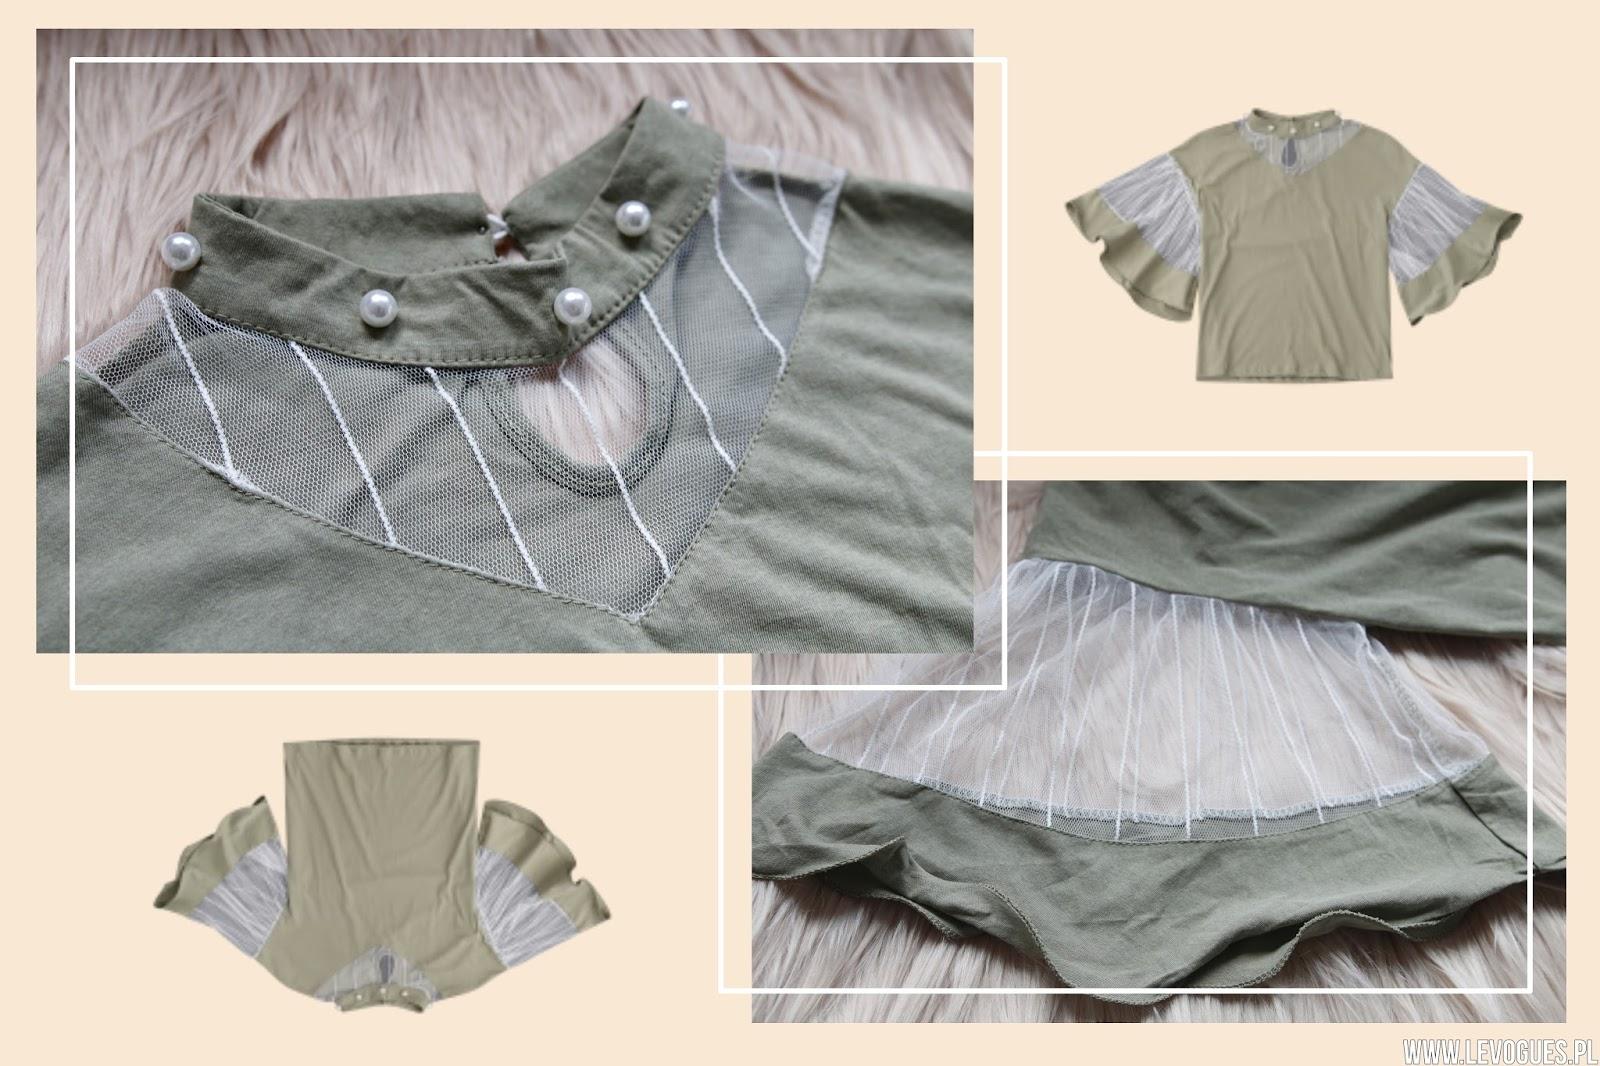 zamówienie rosegal zaful ubrania haul